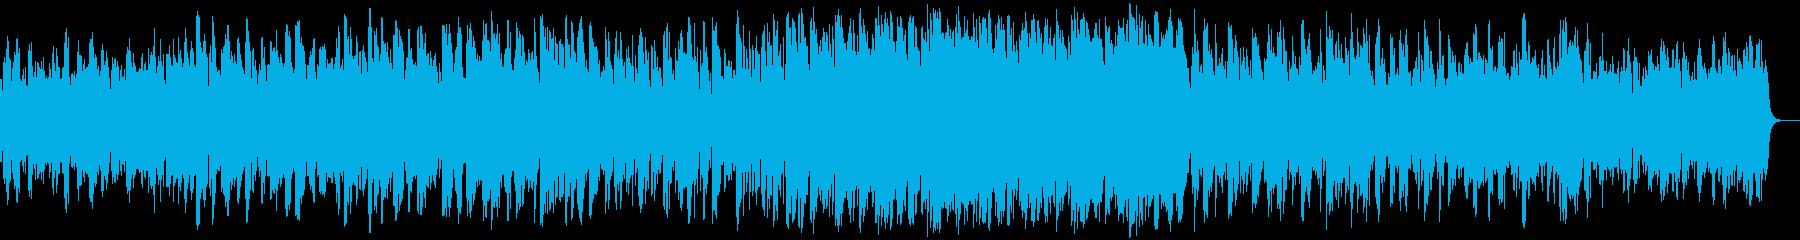 パズルゲームのBGMをイメージした曲で…の再生済みの波形